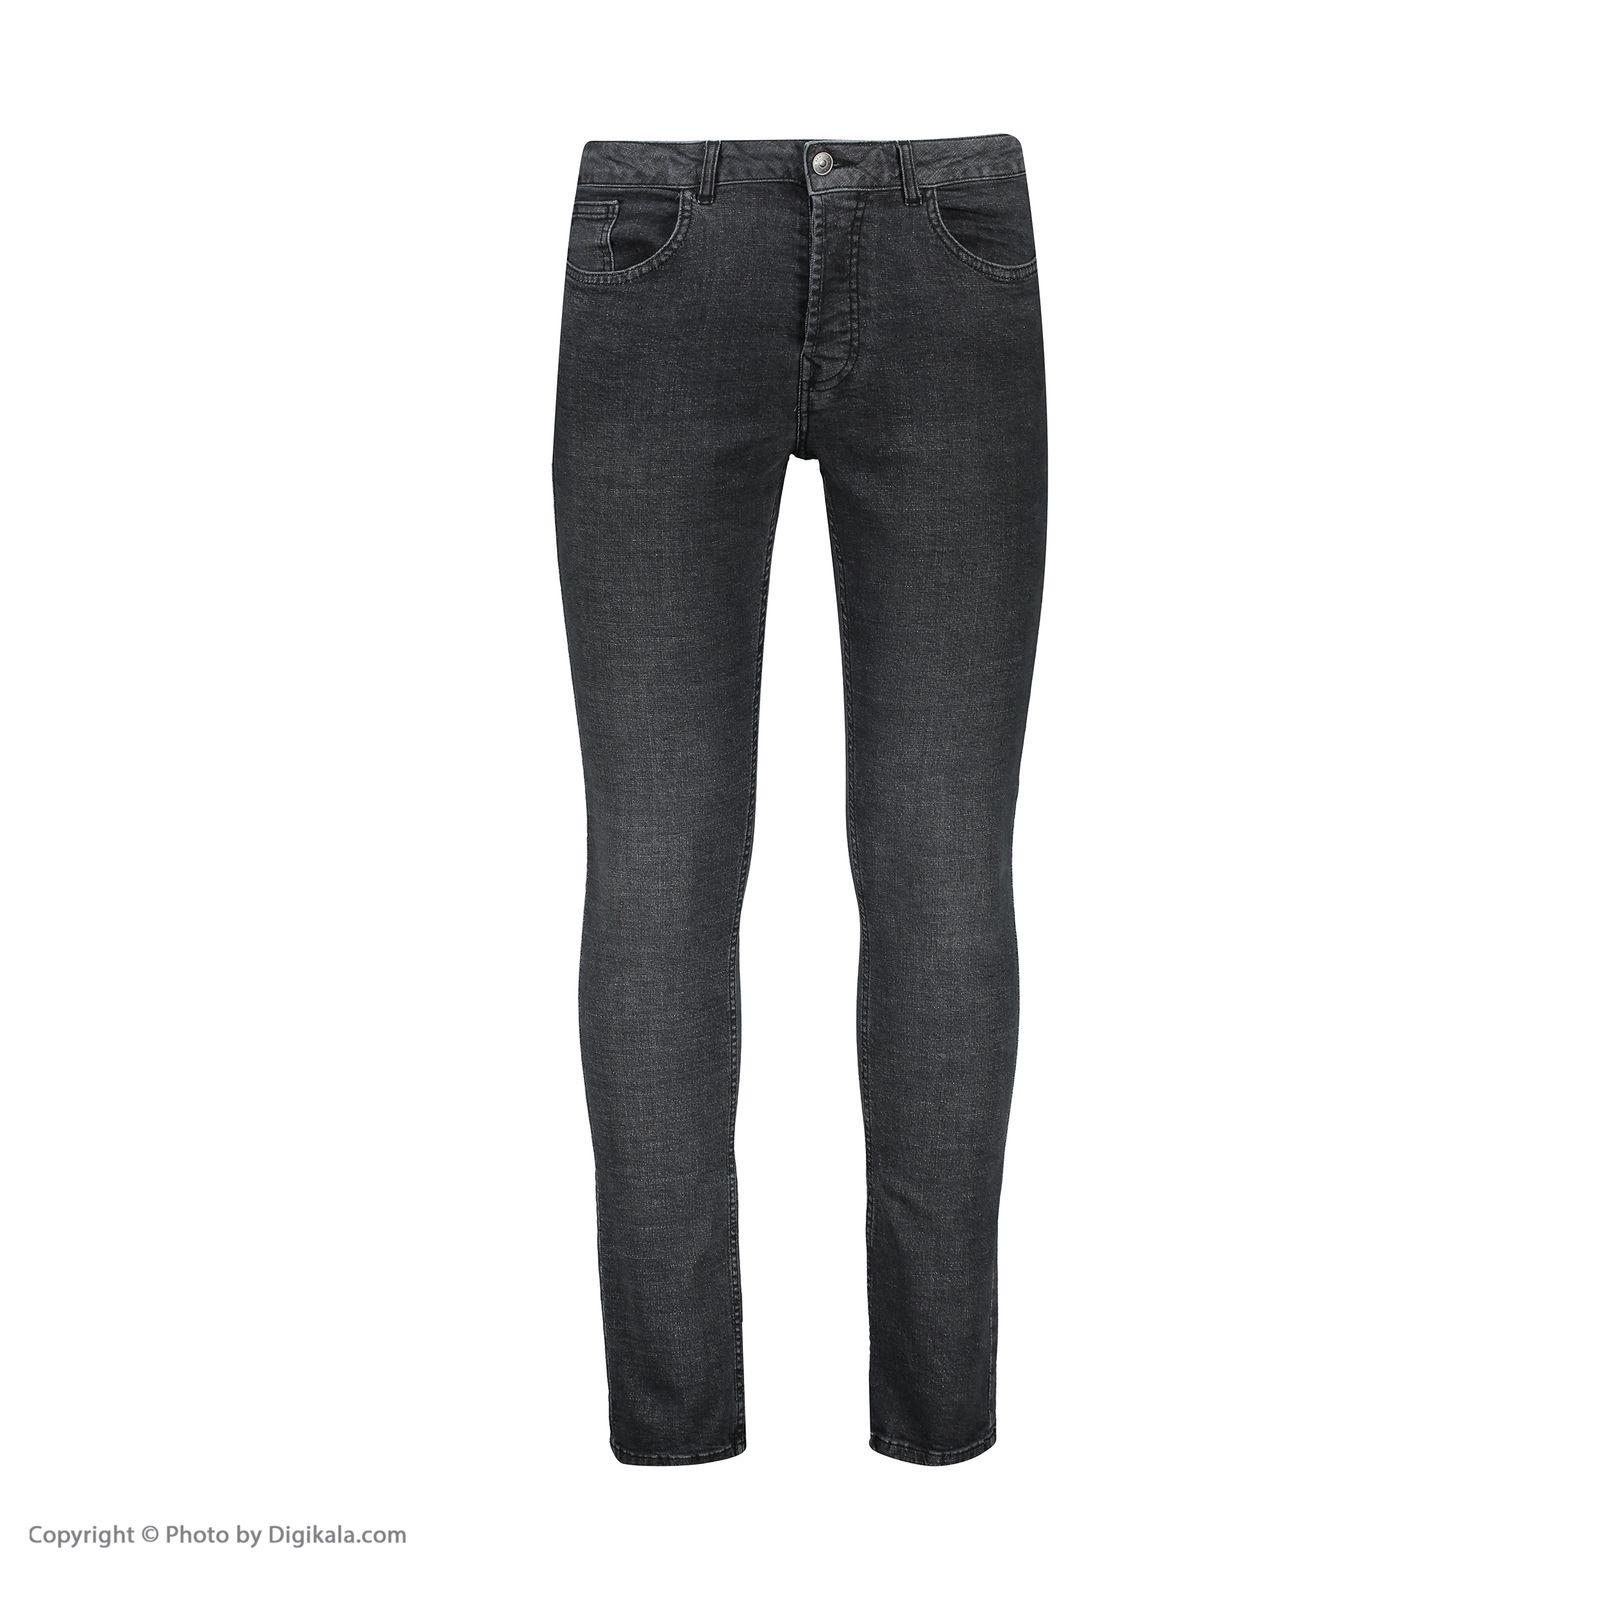 شلوار جین مردانه آر ان اس مدل 133033-93 -  - 2